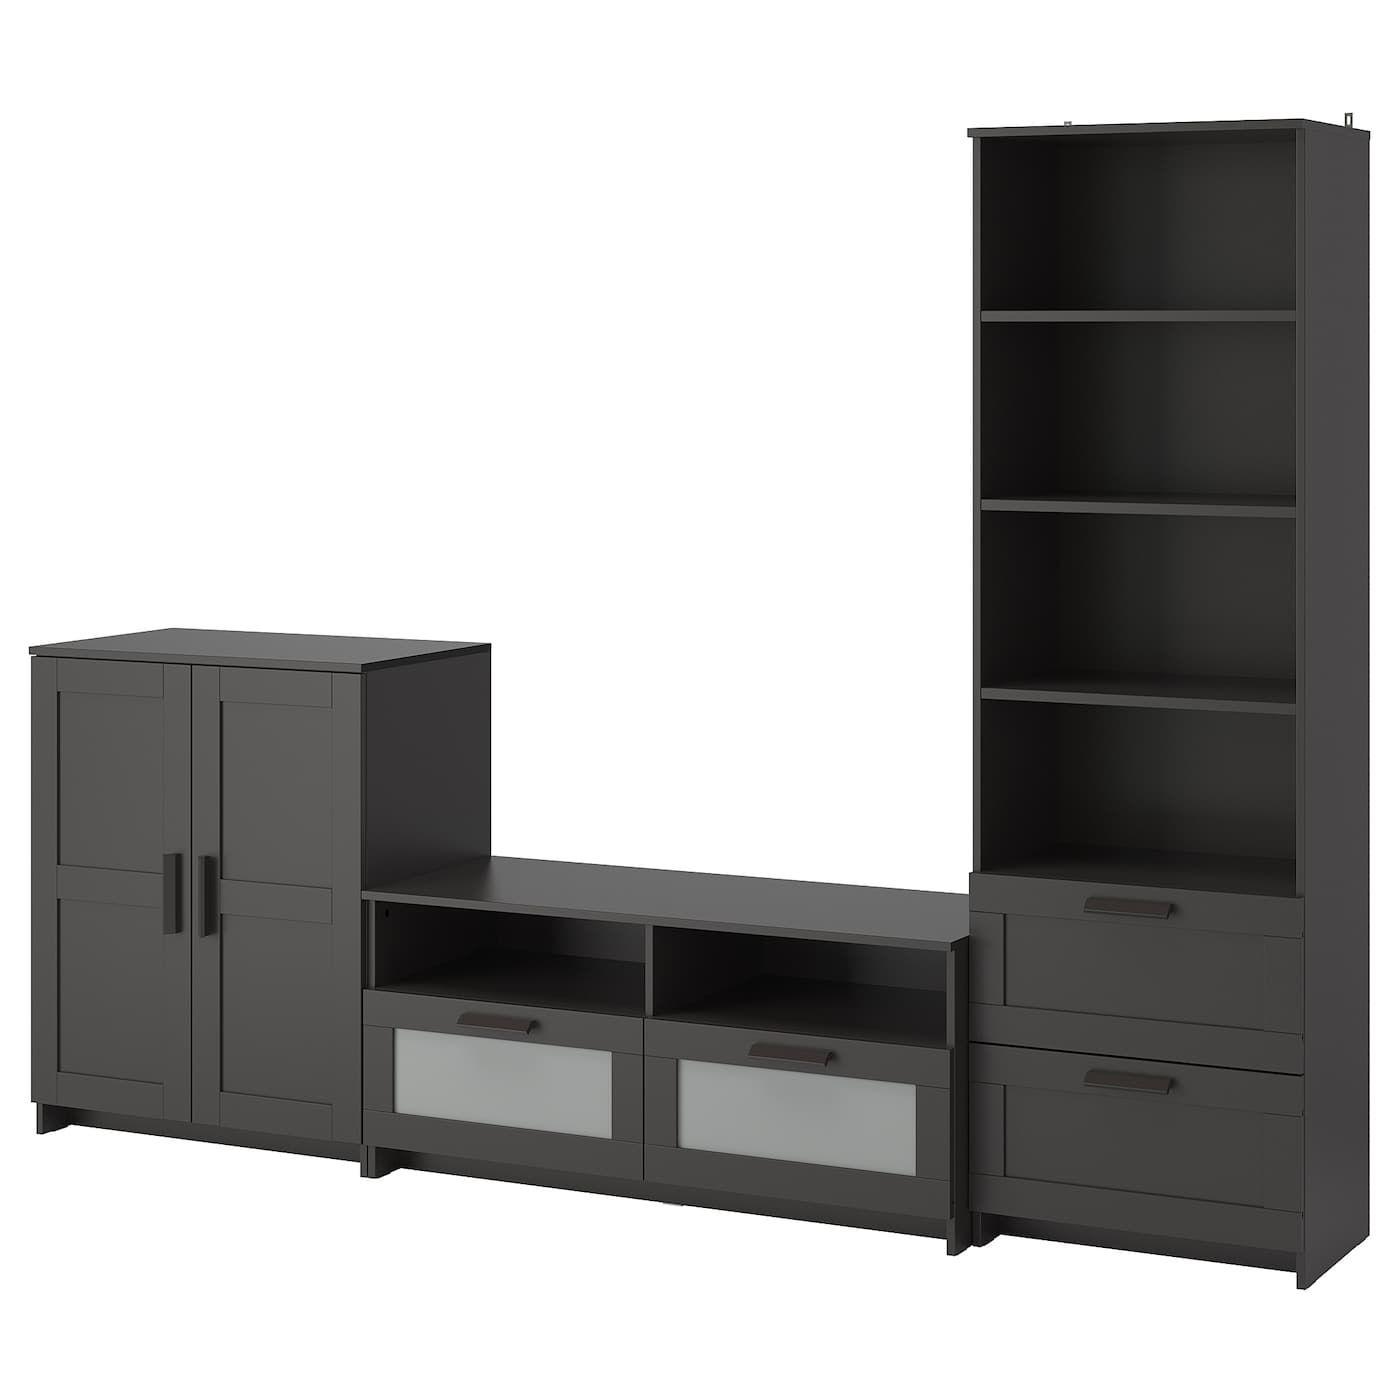 Brimnes Tv Mobel Kombination Schwarz Tv Mobel Ikea Tv Mobel